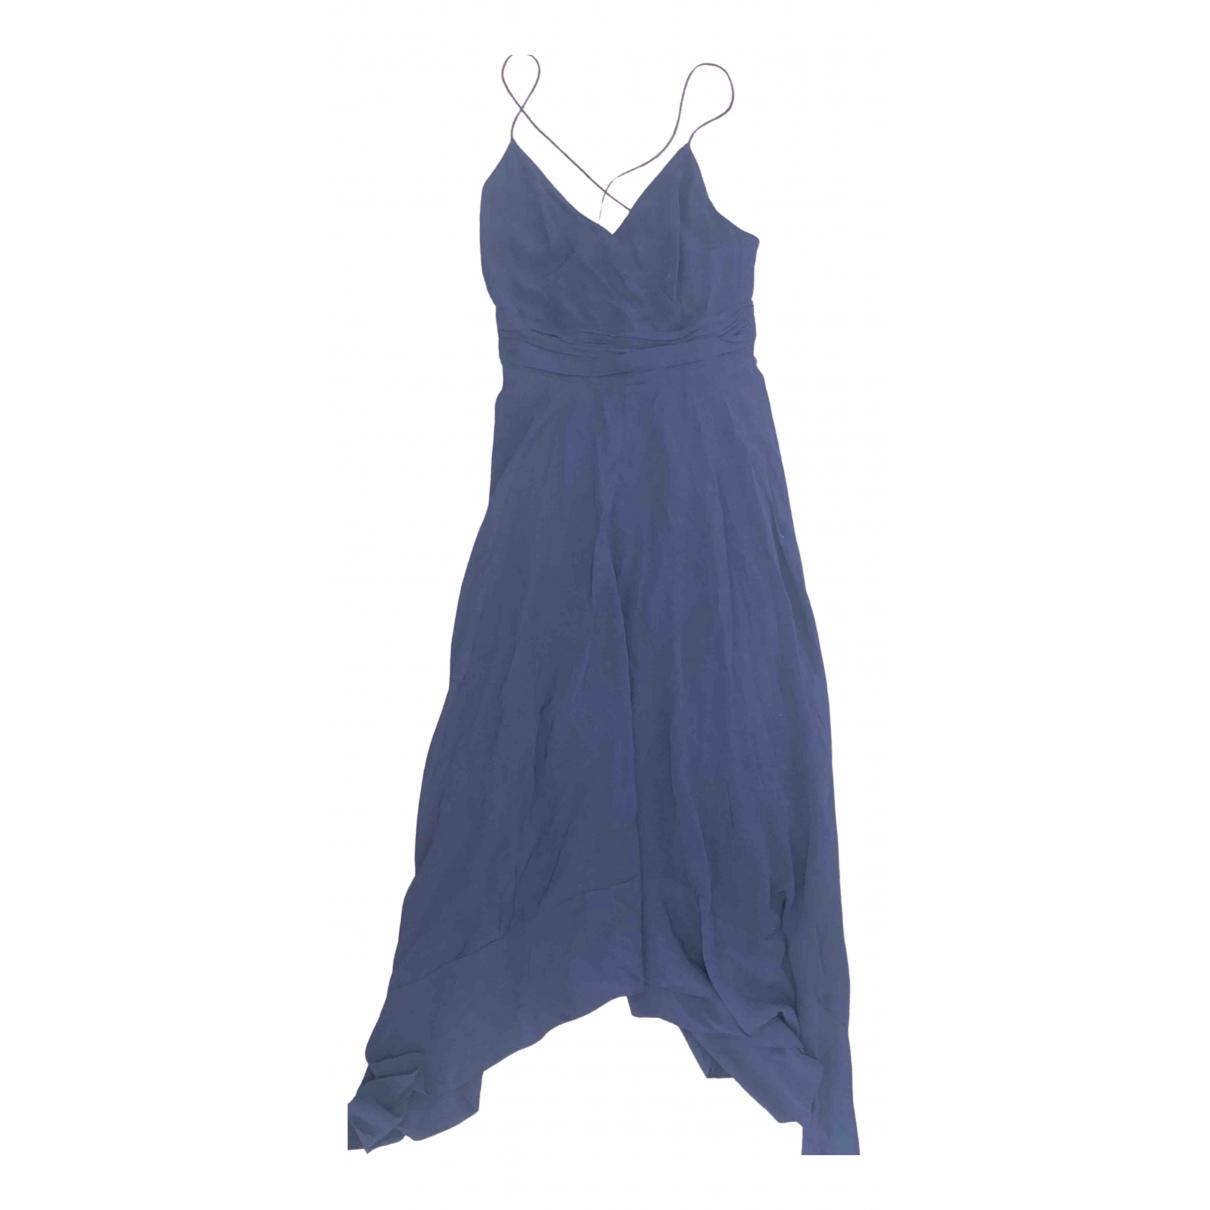 & Stories \N Blue dress for Women 34 FR